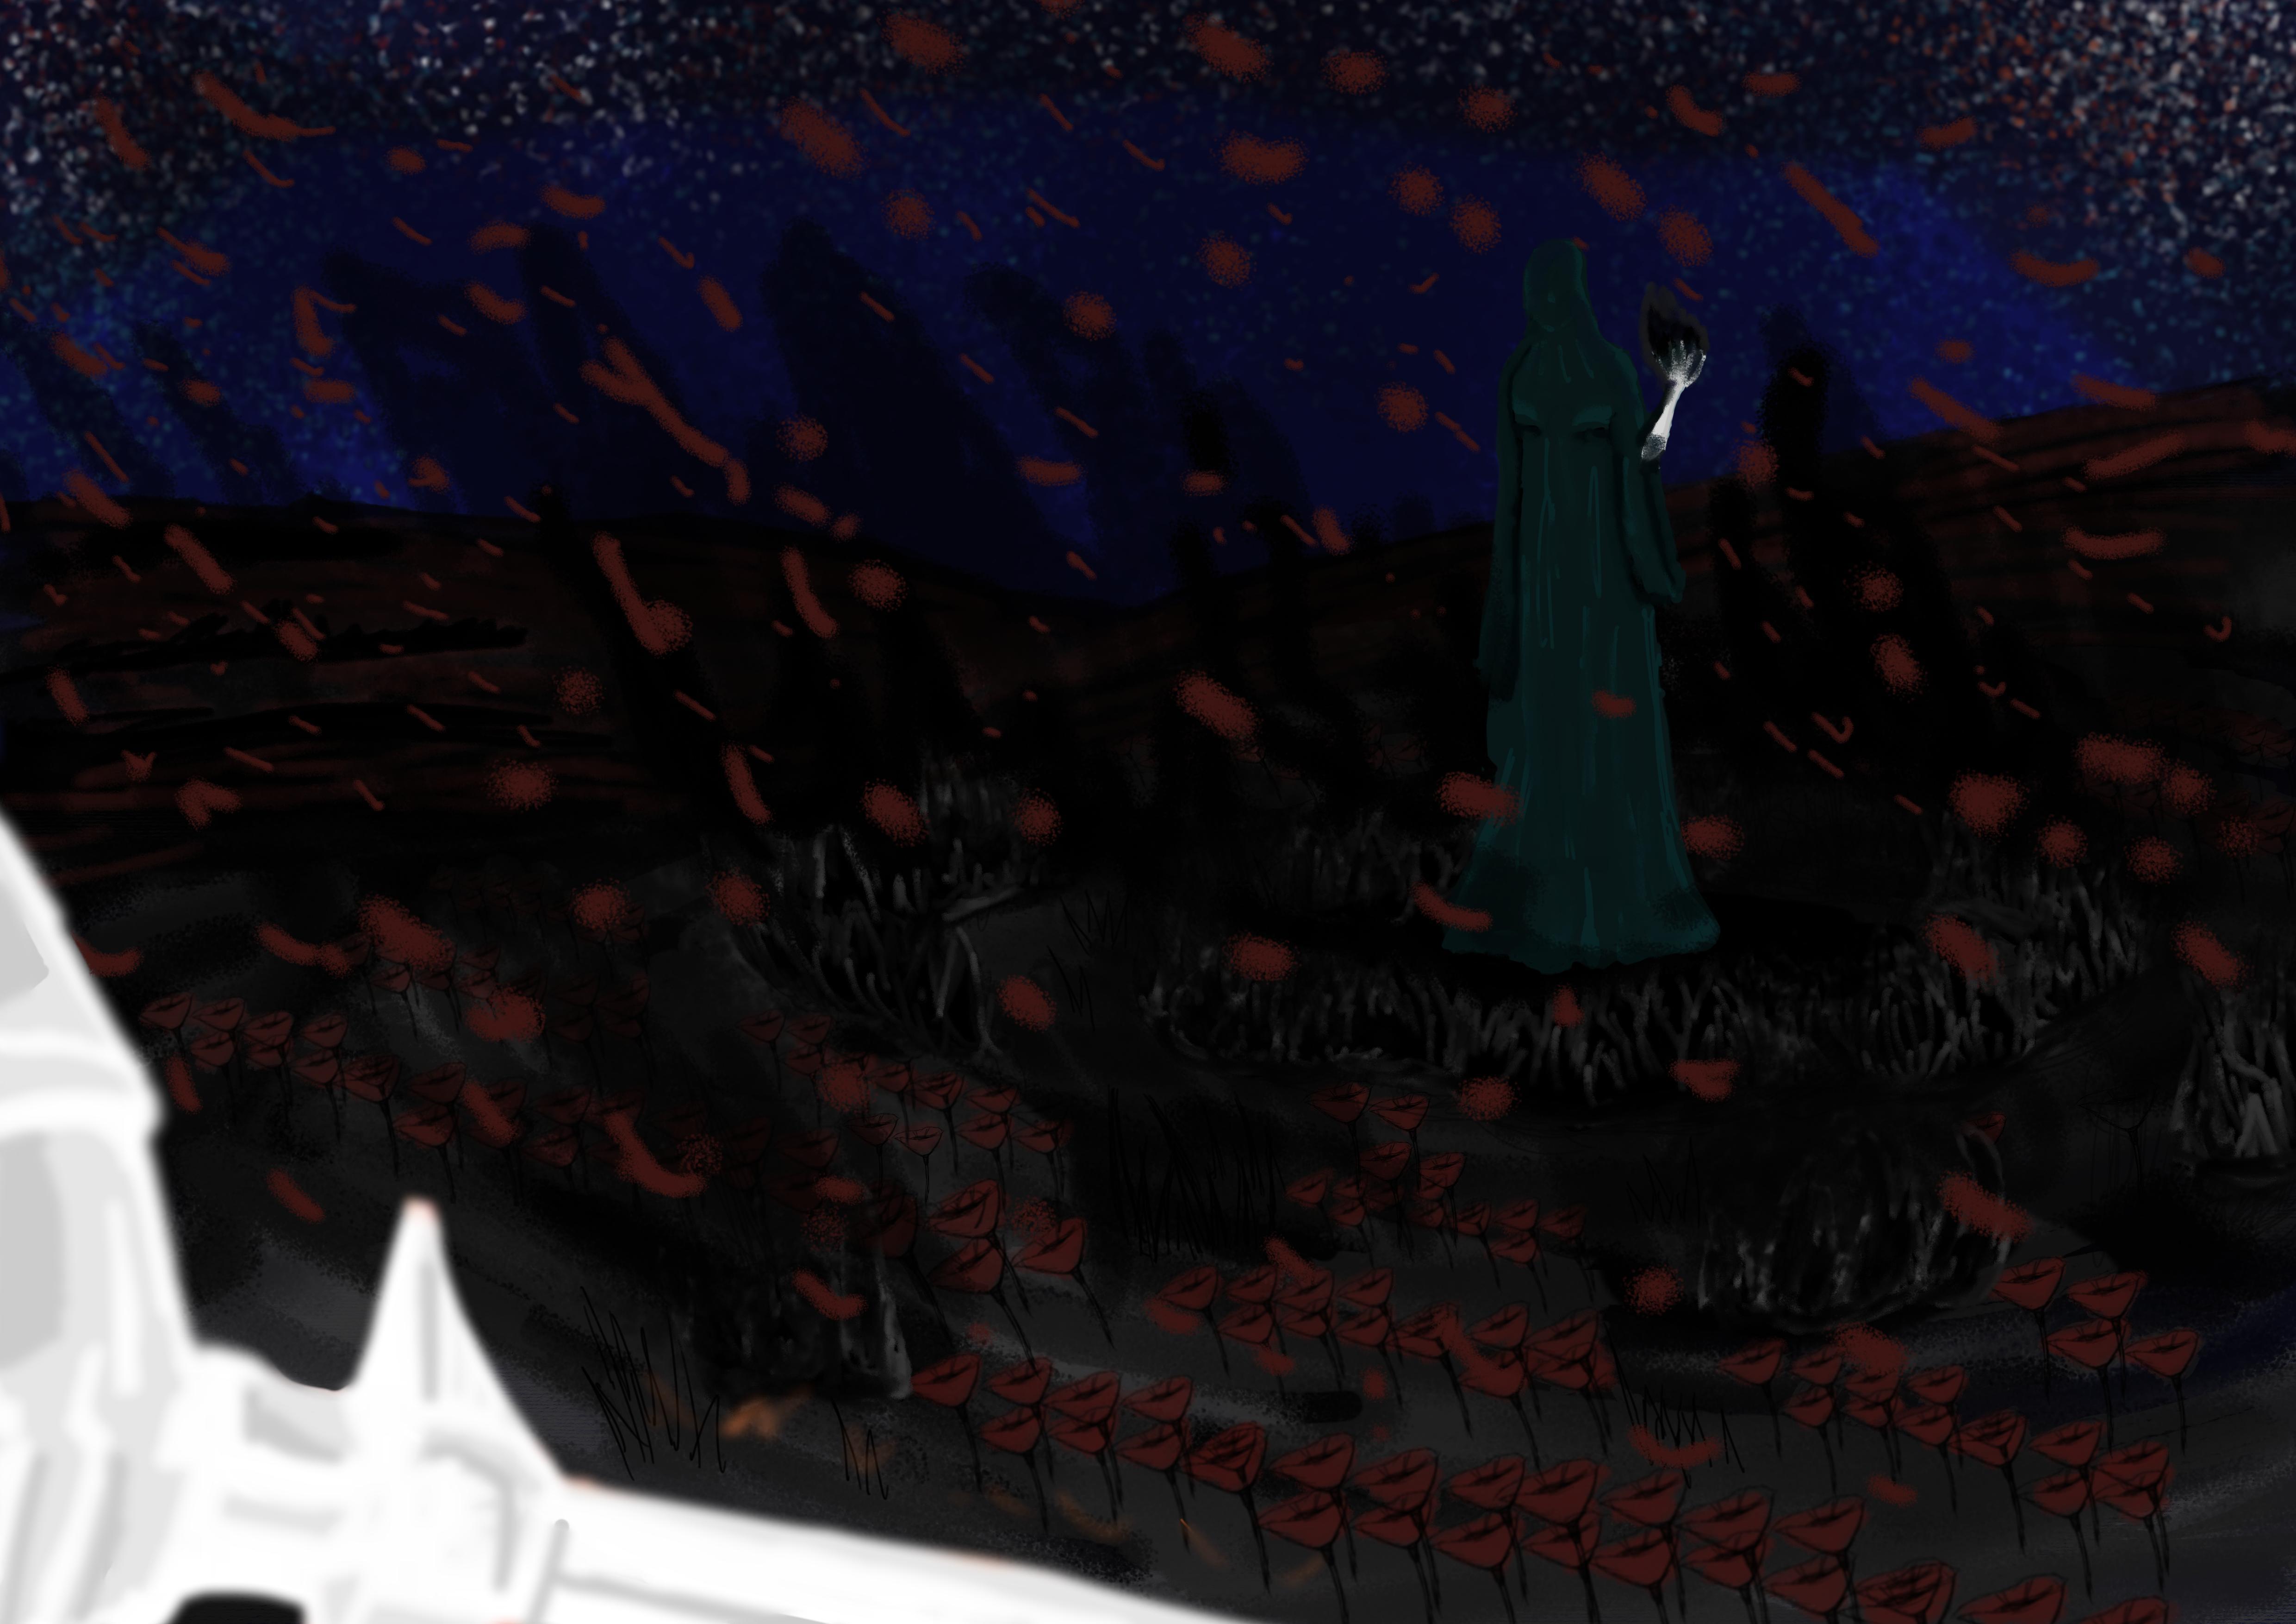 Darkness in the garden